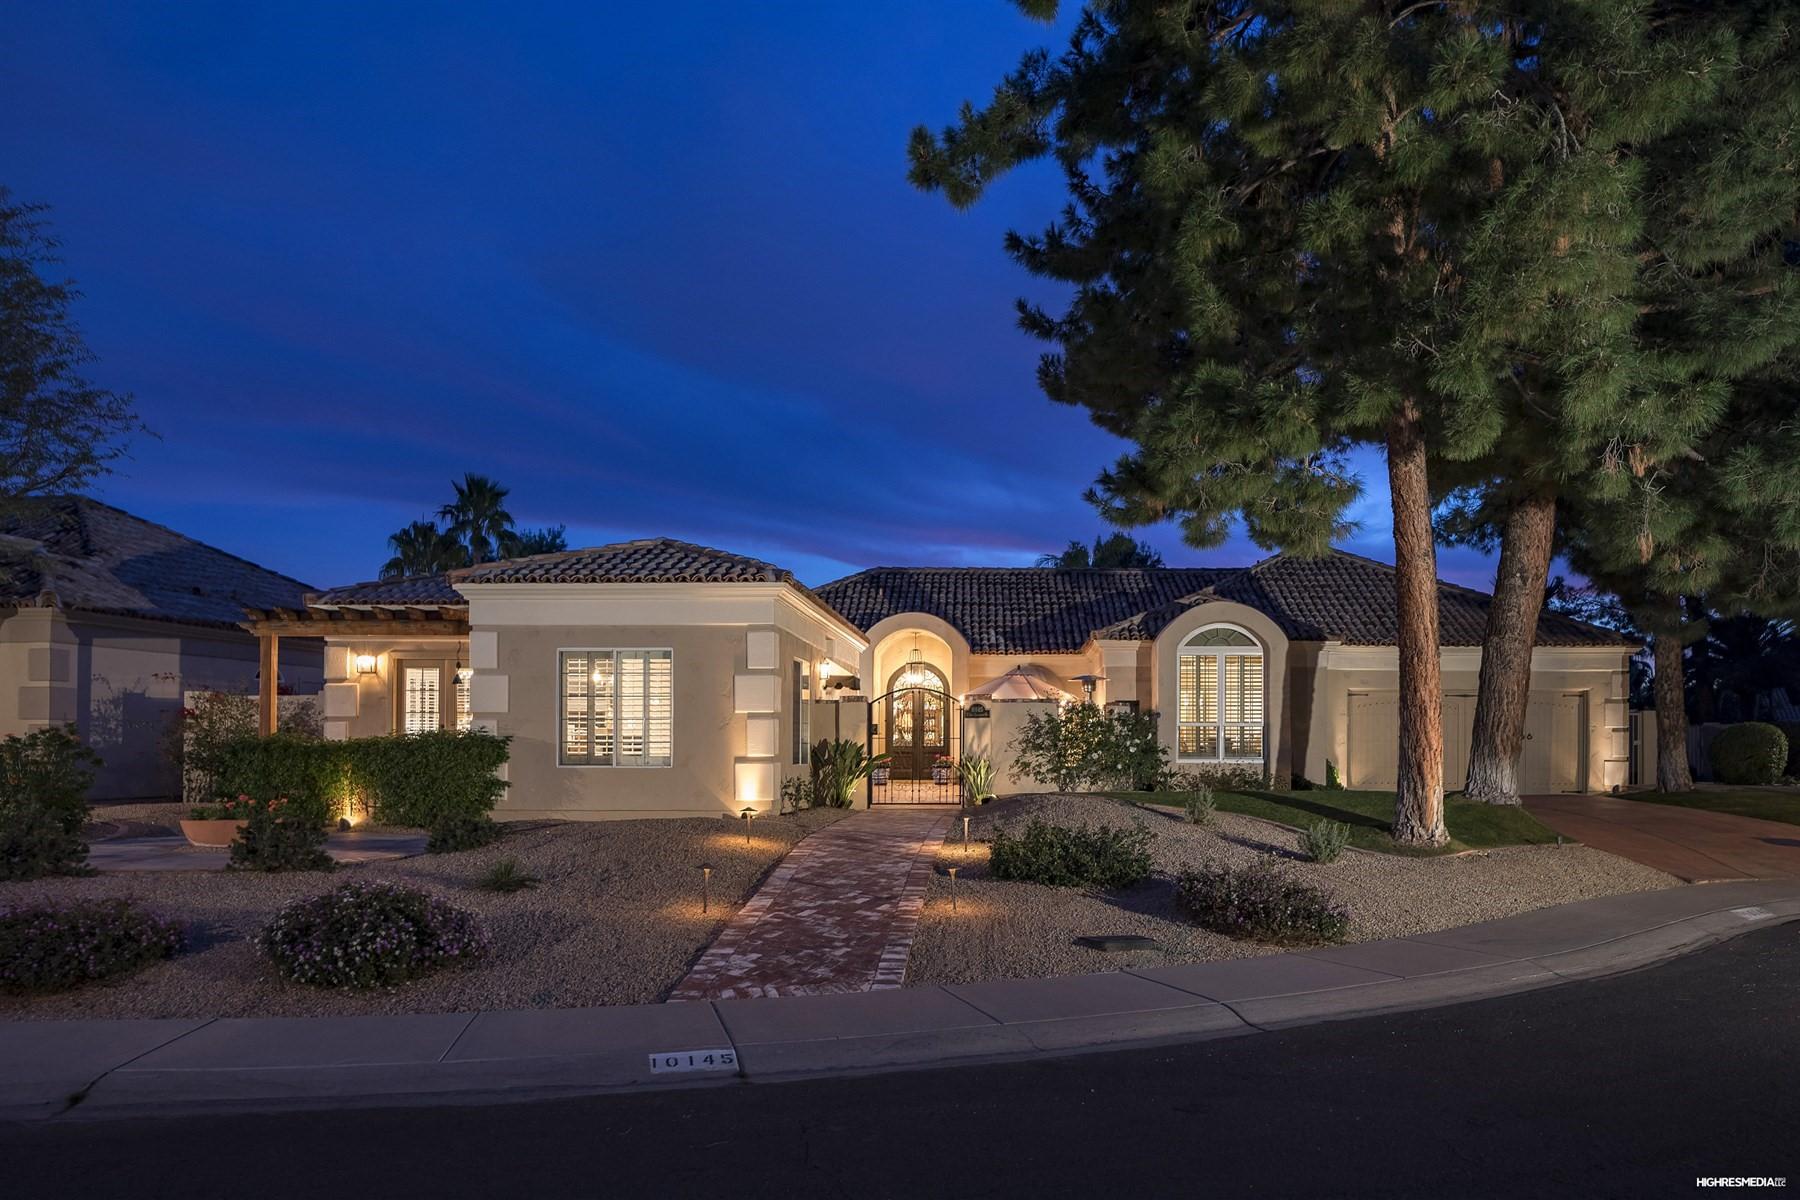 Nhà ở một gia đình vì Bán tại One of a kind home St. Tropez Estates 10145 E SAN SALVADOR DR Scottsdale, Arizona, 85258 Hoa Kỳ